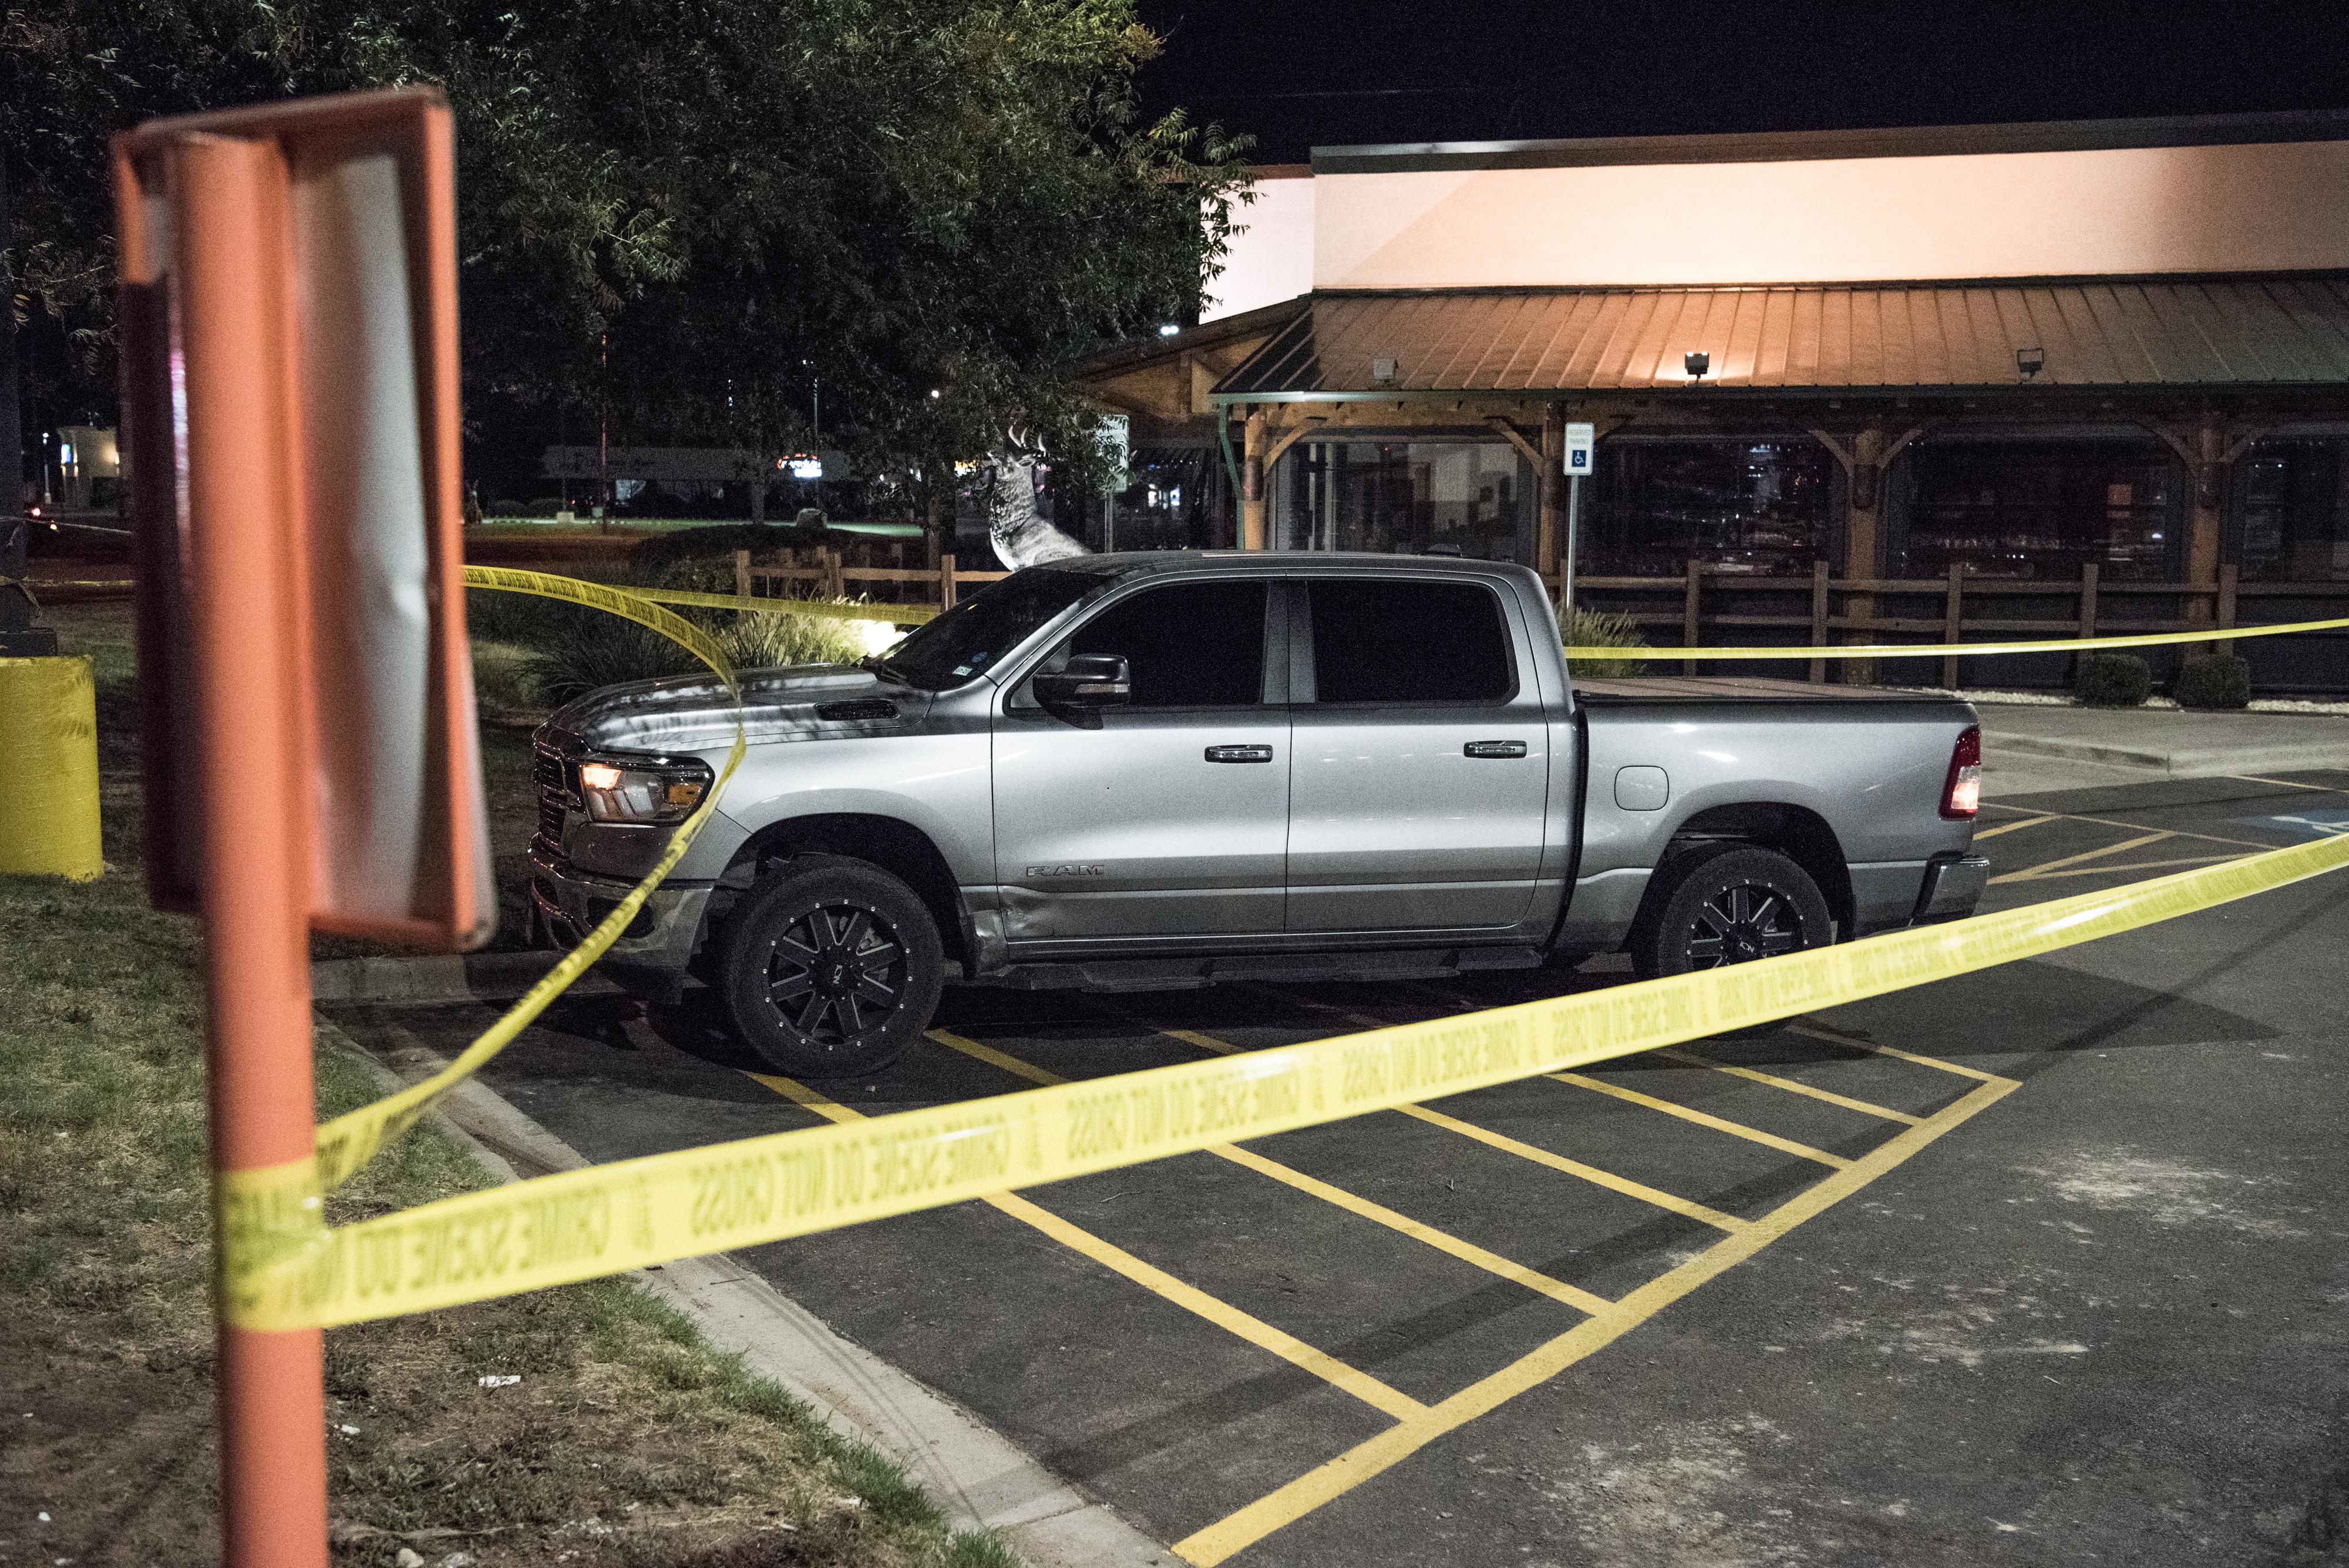 5 embert megölt, és 21-et megsebesített egy fegyveres ámokfutó Texasban